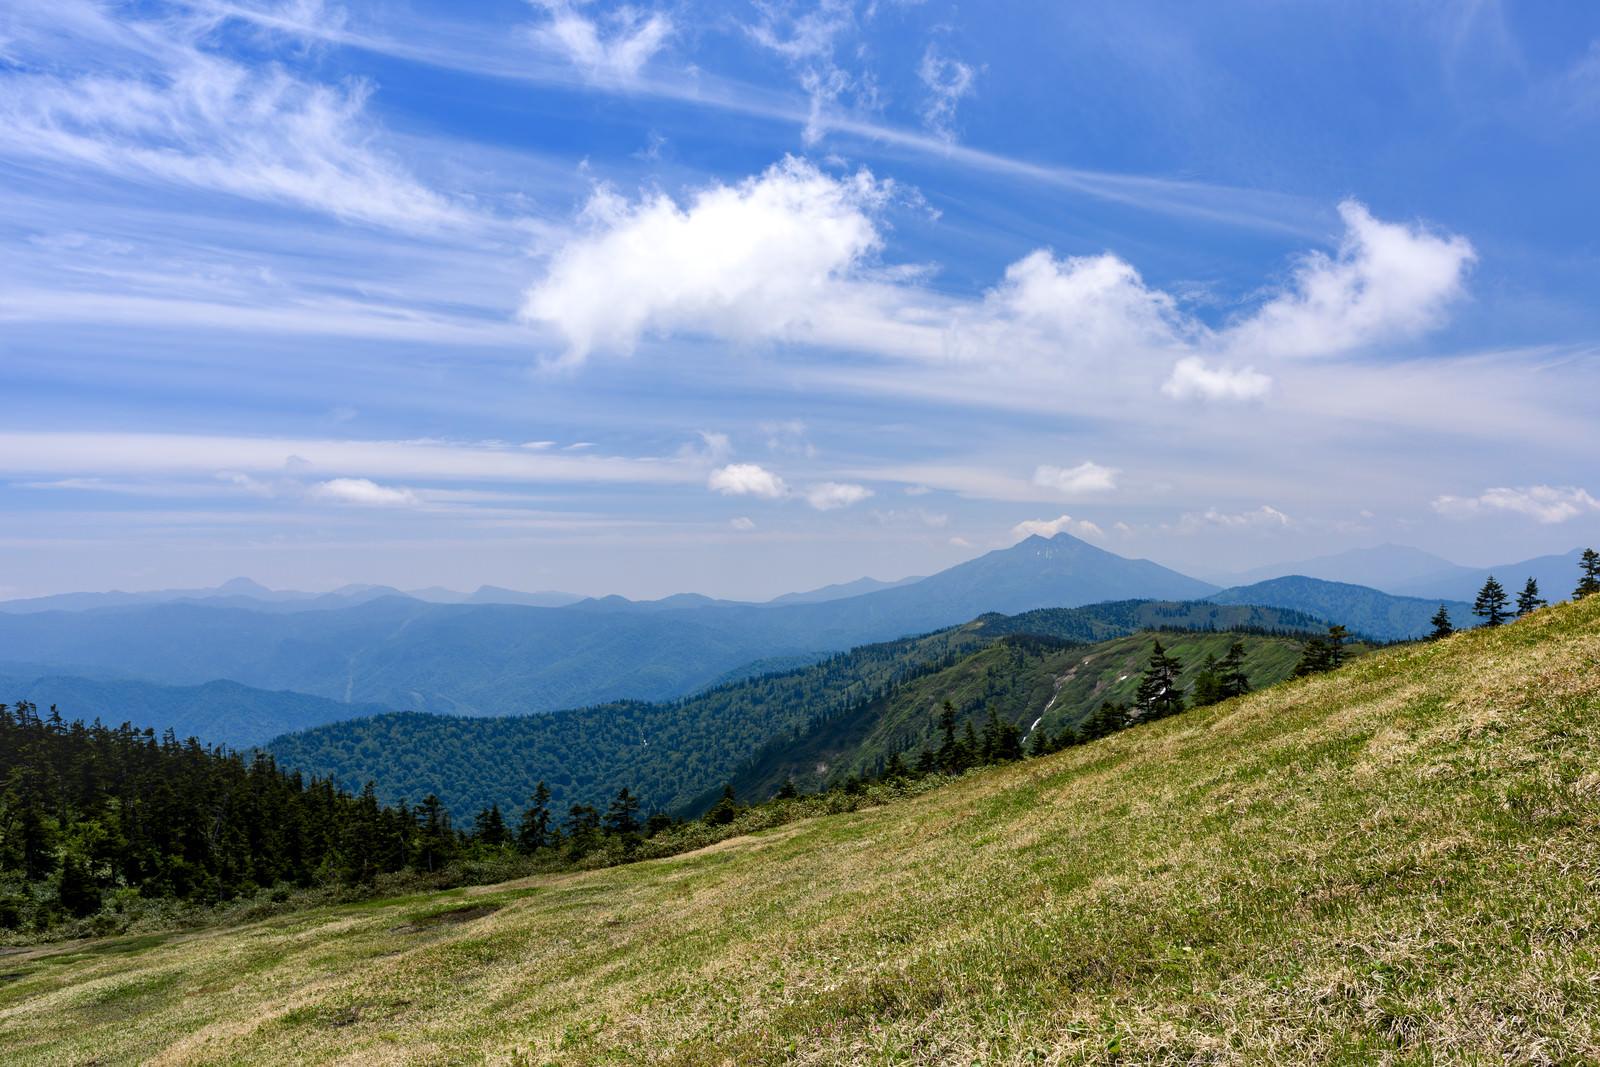 「会津駒ヶ岳稜線と燧ヶ岳(ヒウチガタケ)」の写真